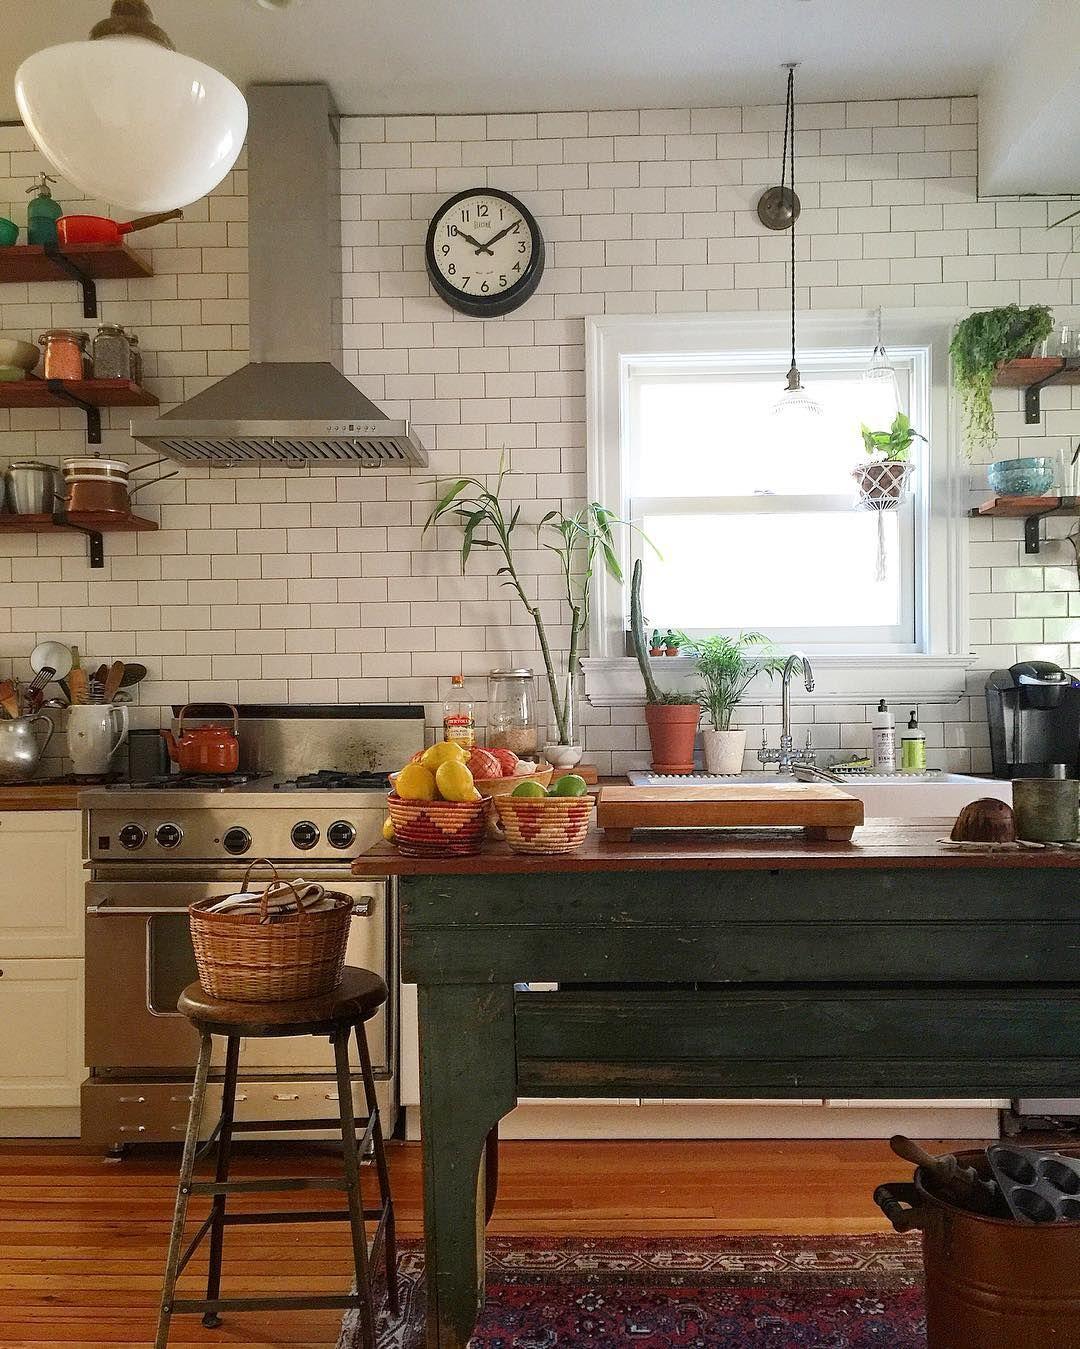 Niedlich Land Leben Küche Renovieren Fotos - Küchen Design Ideen ...